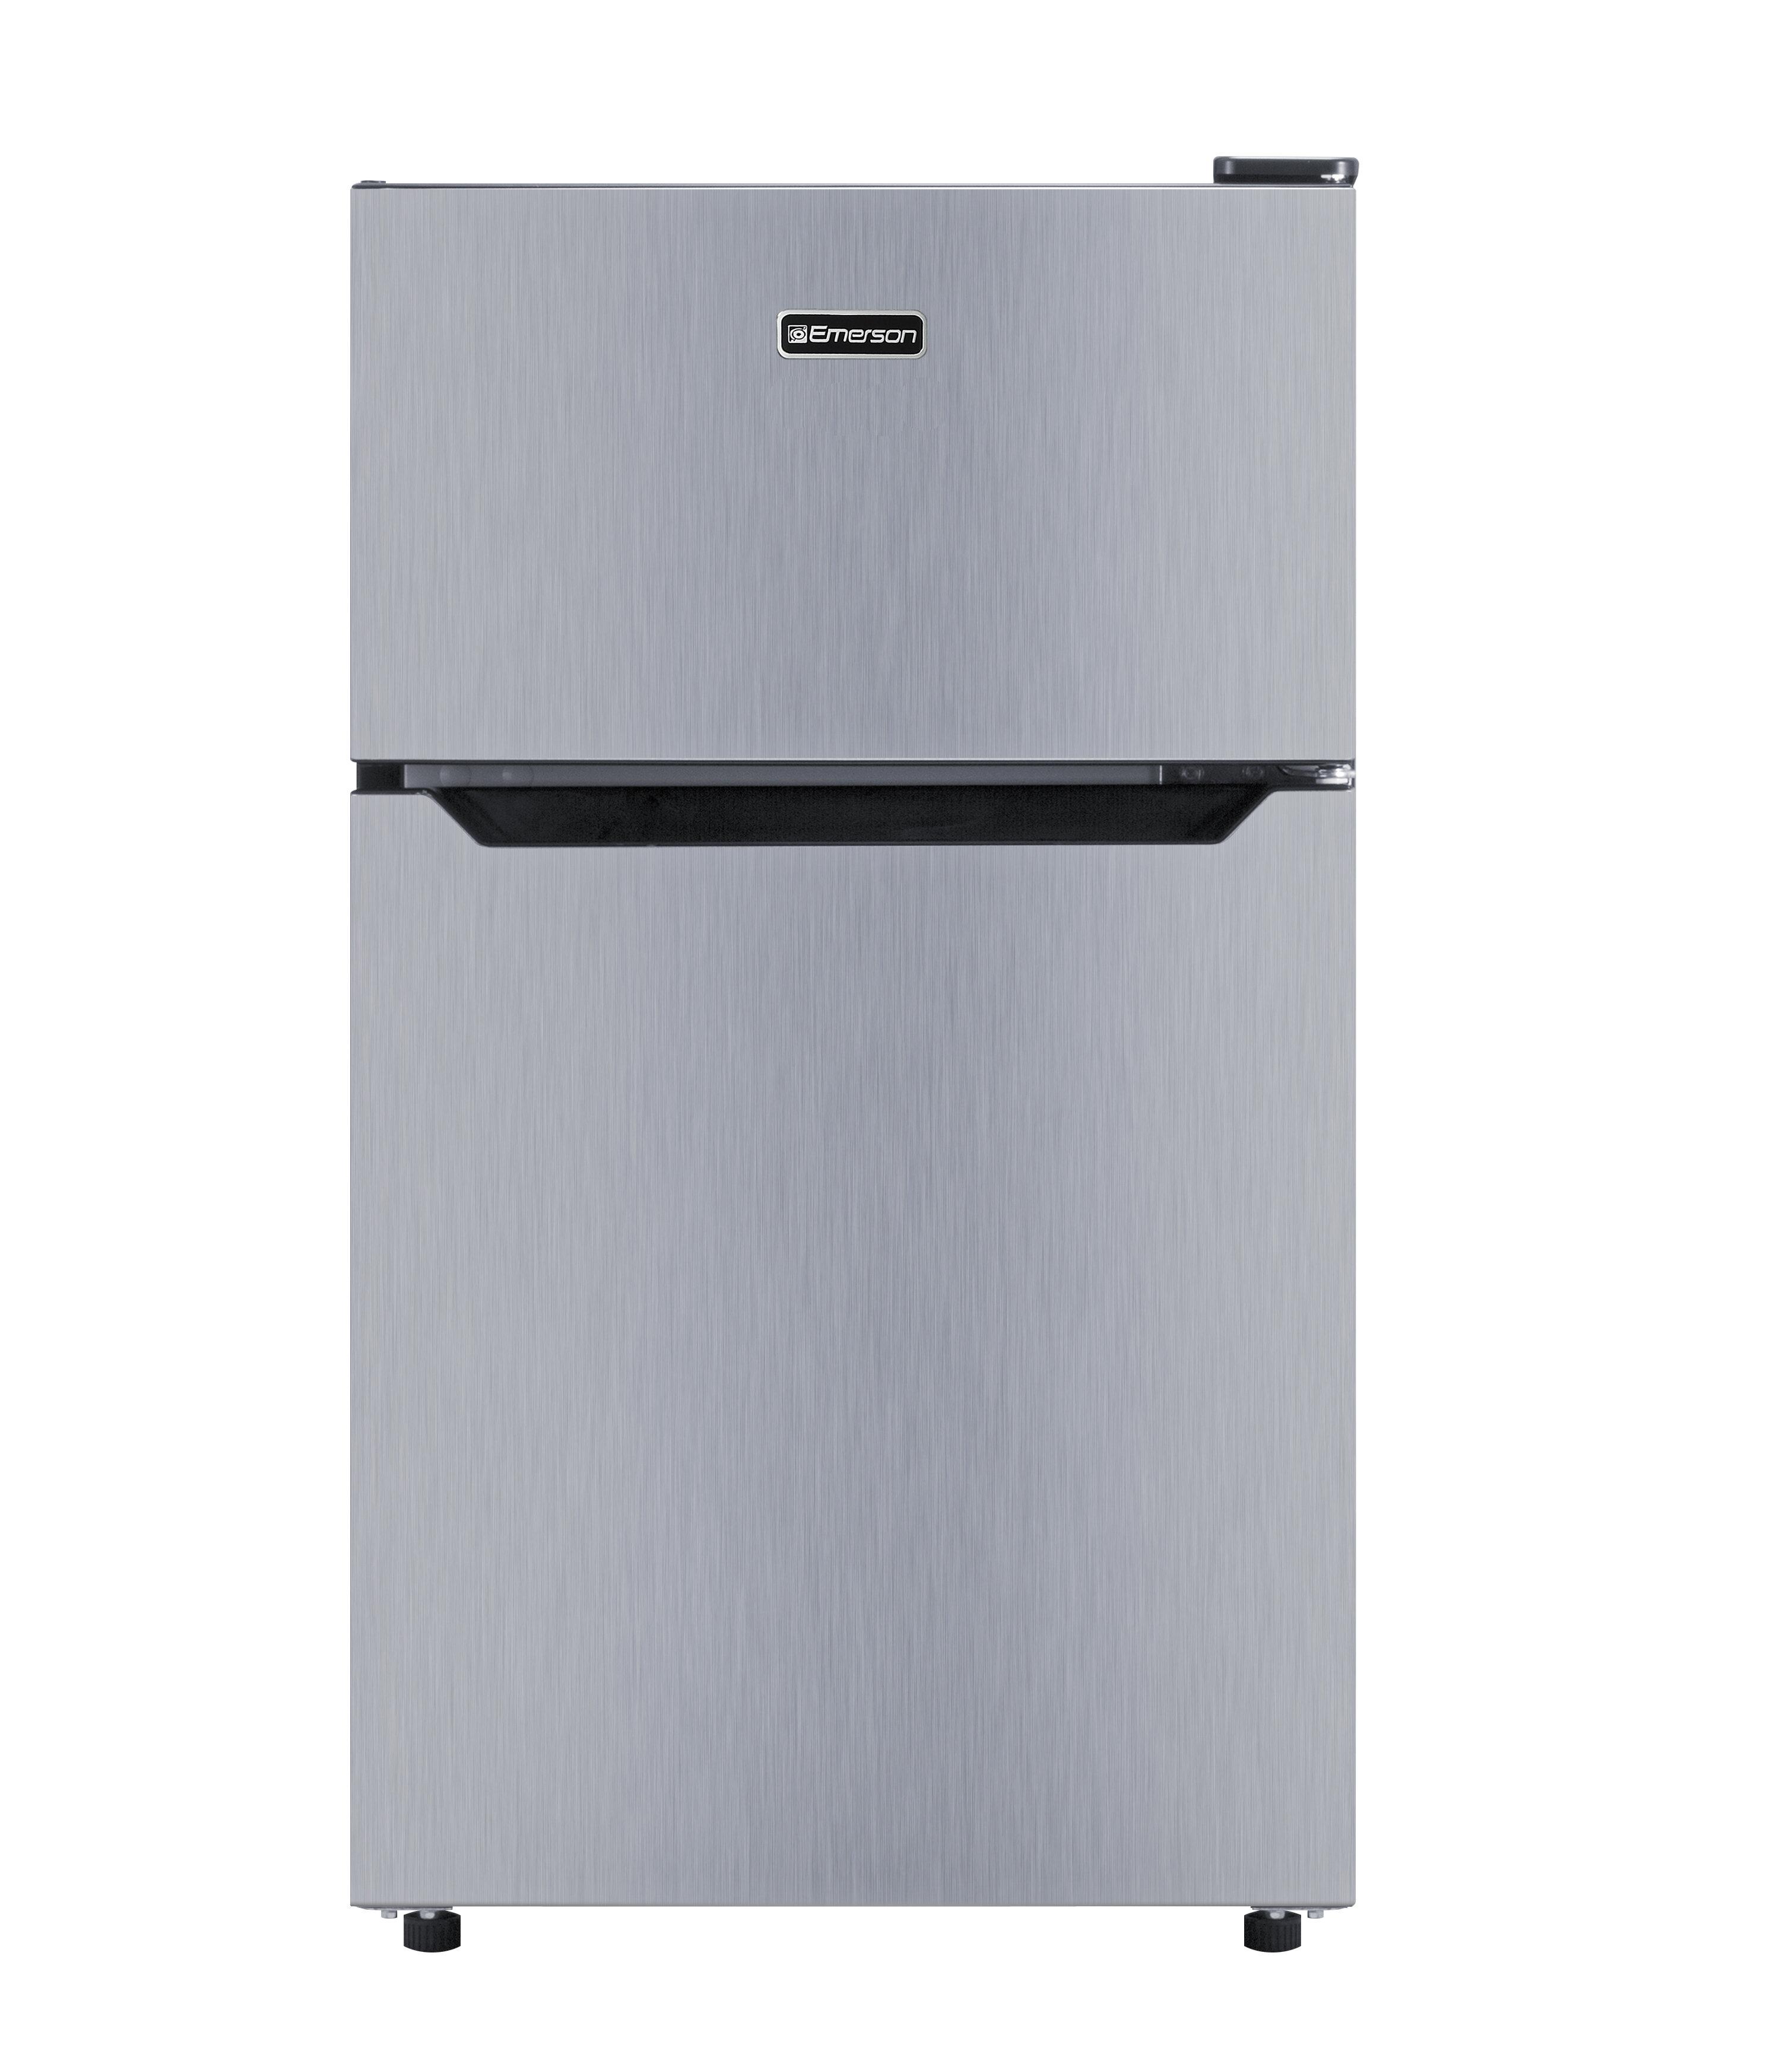 2 Door 3.3 Cu. Ft. Compact Refrigerator With Freezer   Wayfair